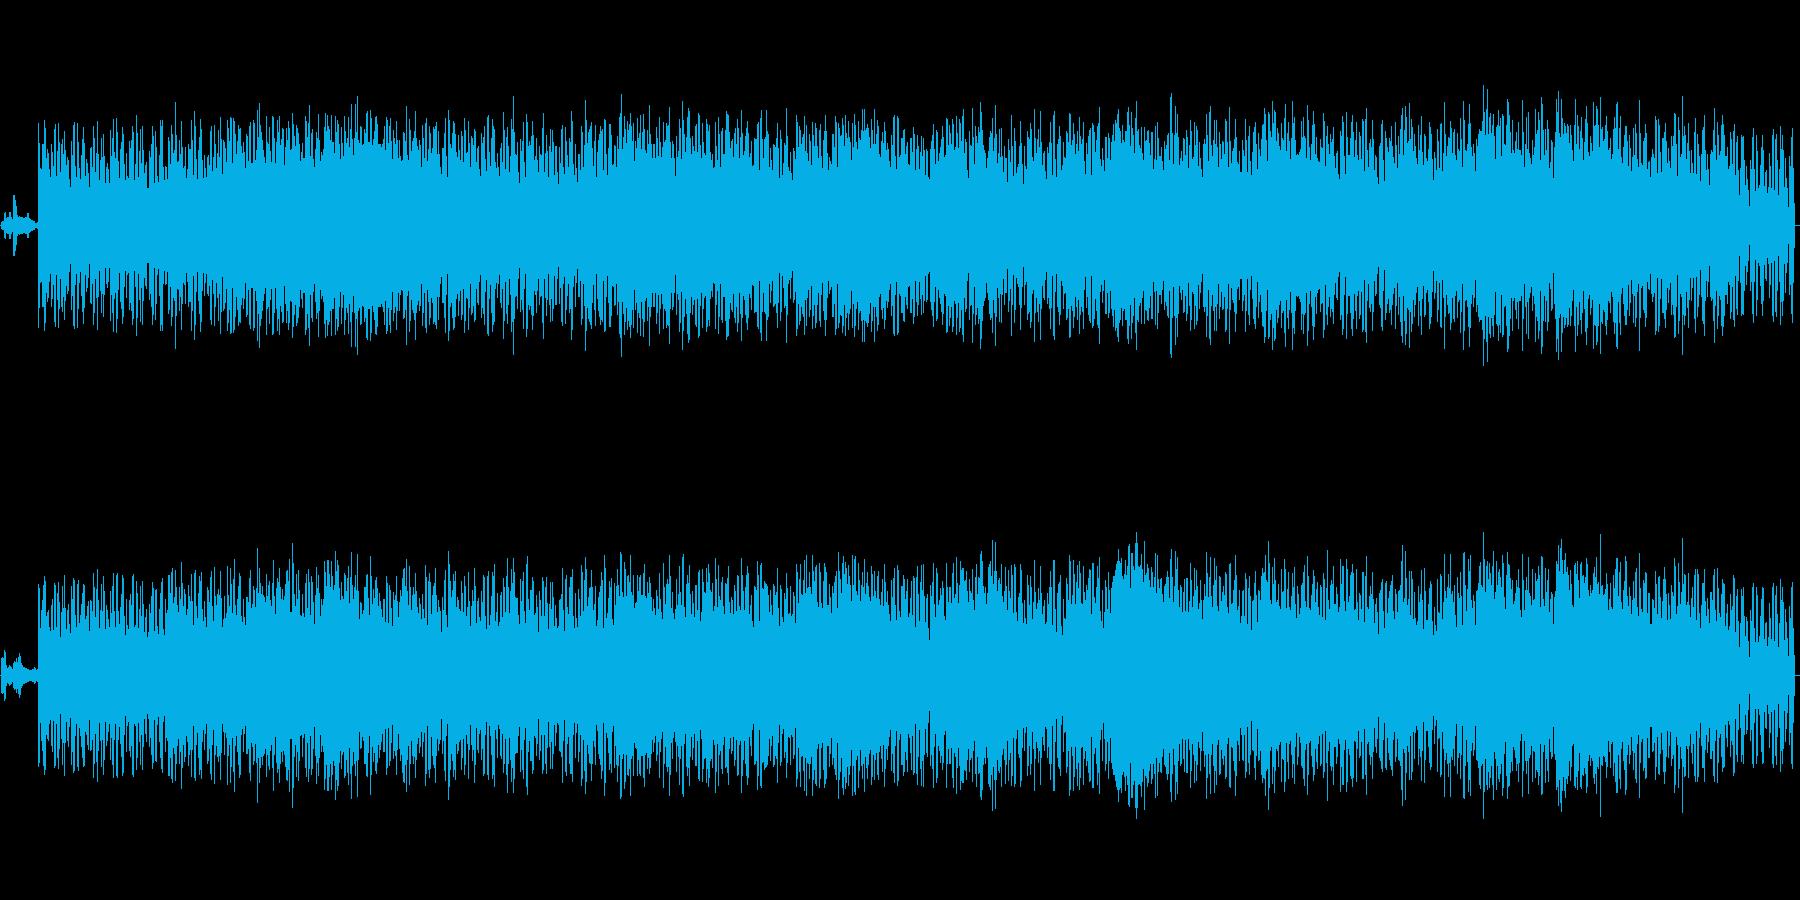 幻想的なアンビエントテクノの再生済みの波形